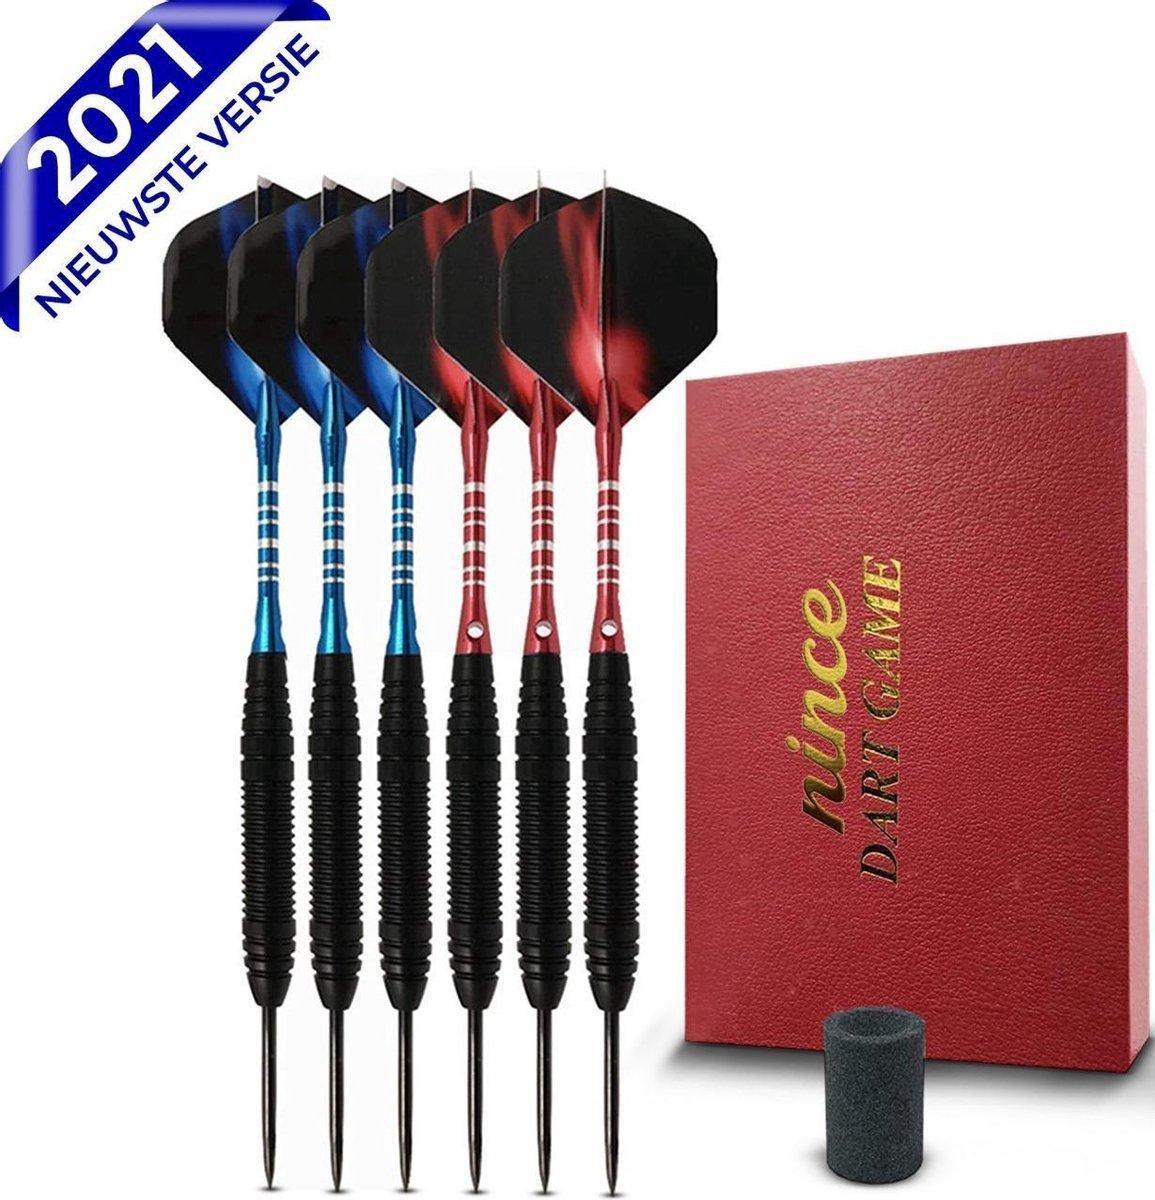 Nince Premium Dartpijlen van Hoge Kwaliteit Steeltip - Set van 6 - Dartpijltjes 24 Gram - Origineel cadeau